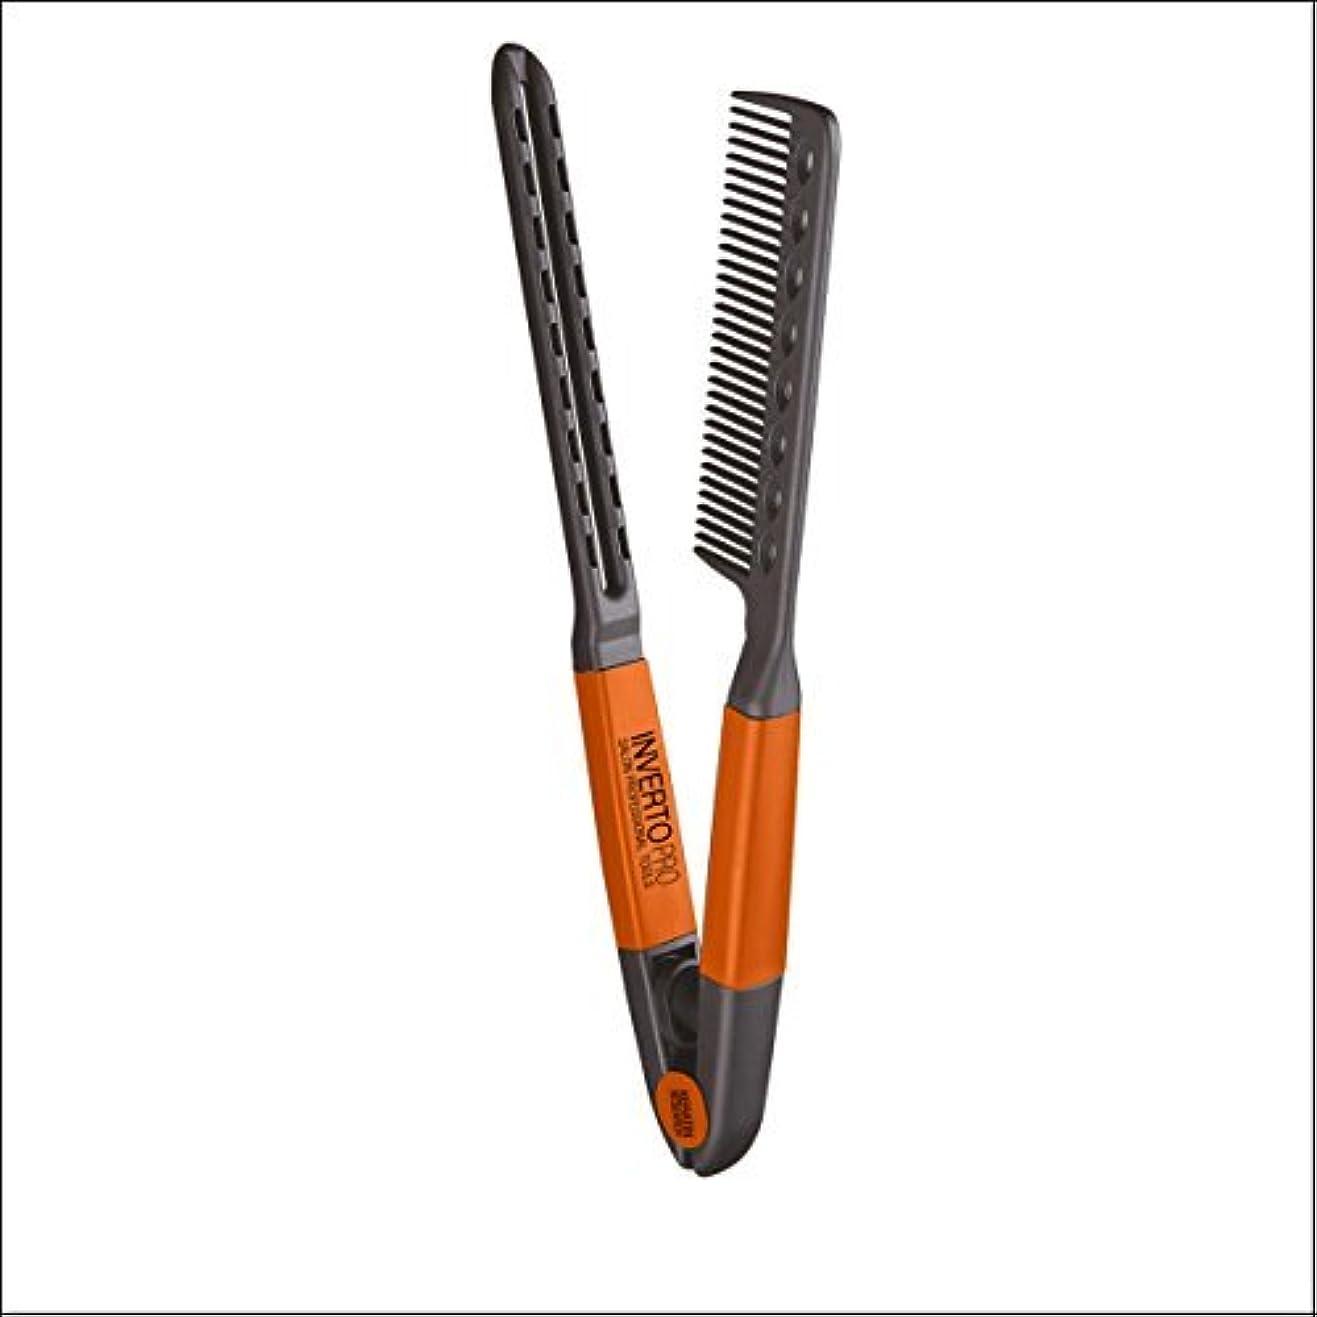 チャーターおしゃれじゃないモディッシュEasy Comb for Brazilian Keratin Hair Treatment and Straightening [並行輸入品]